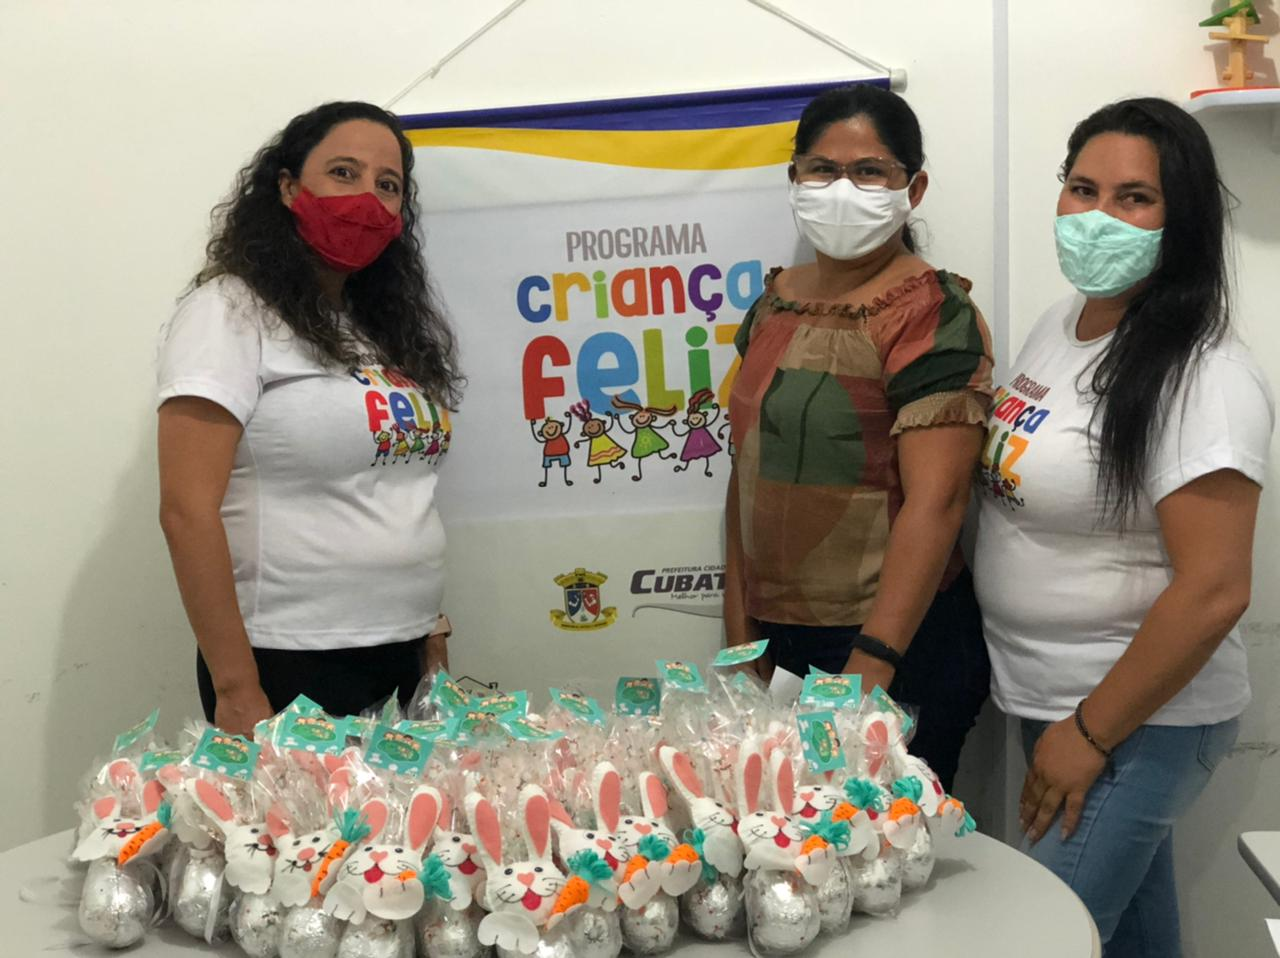 Famílias acompanhadas pelo Programa Criança Feliz de Cubati recebem lembranças em alusão a Páscoa